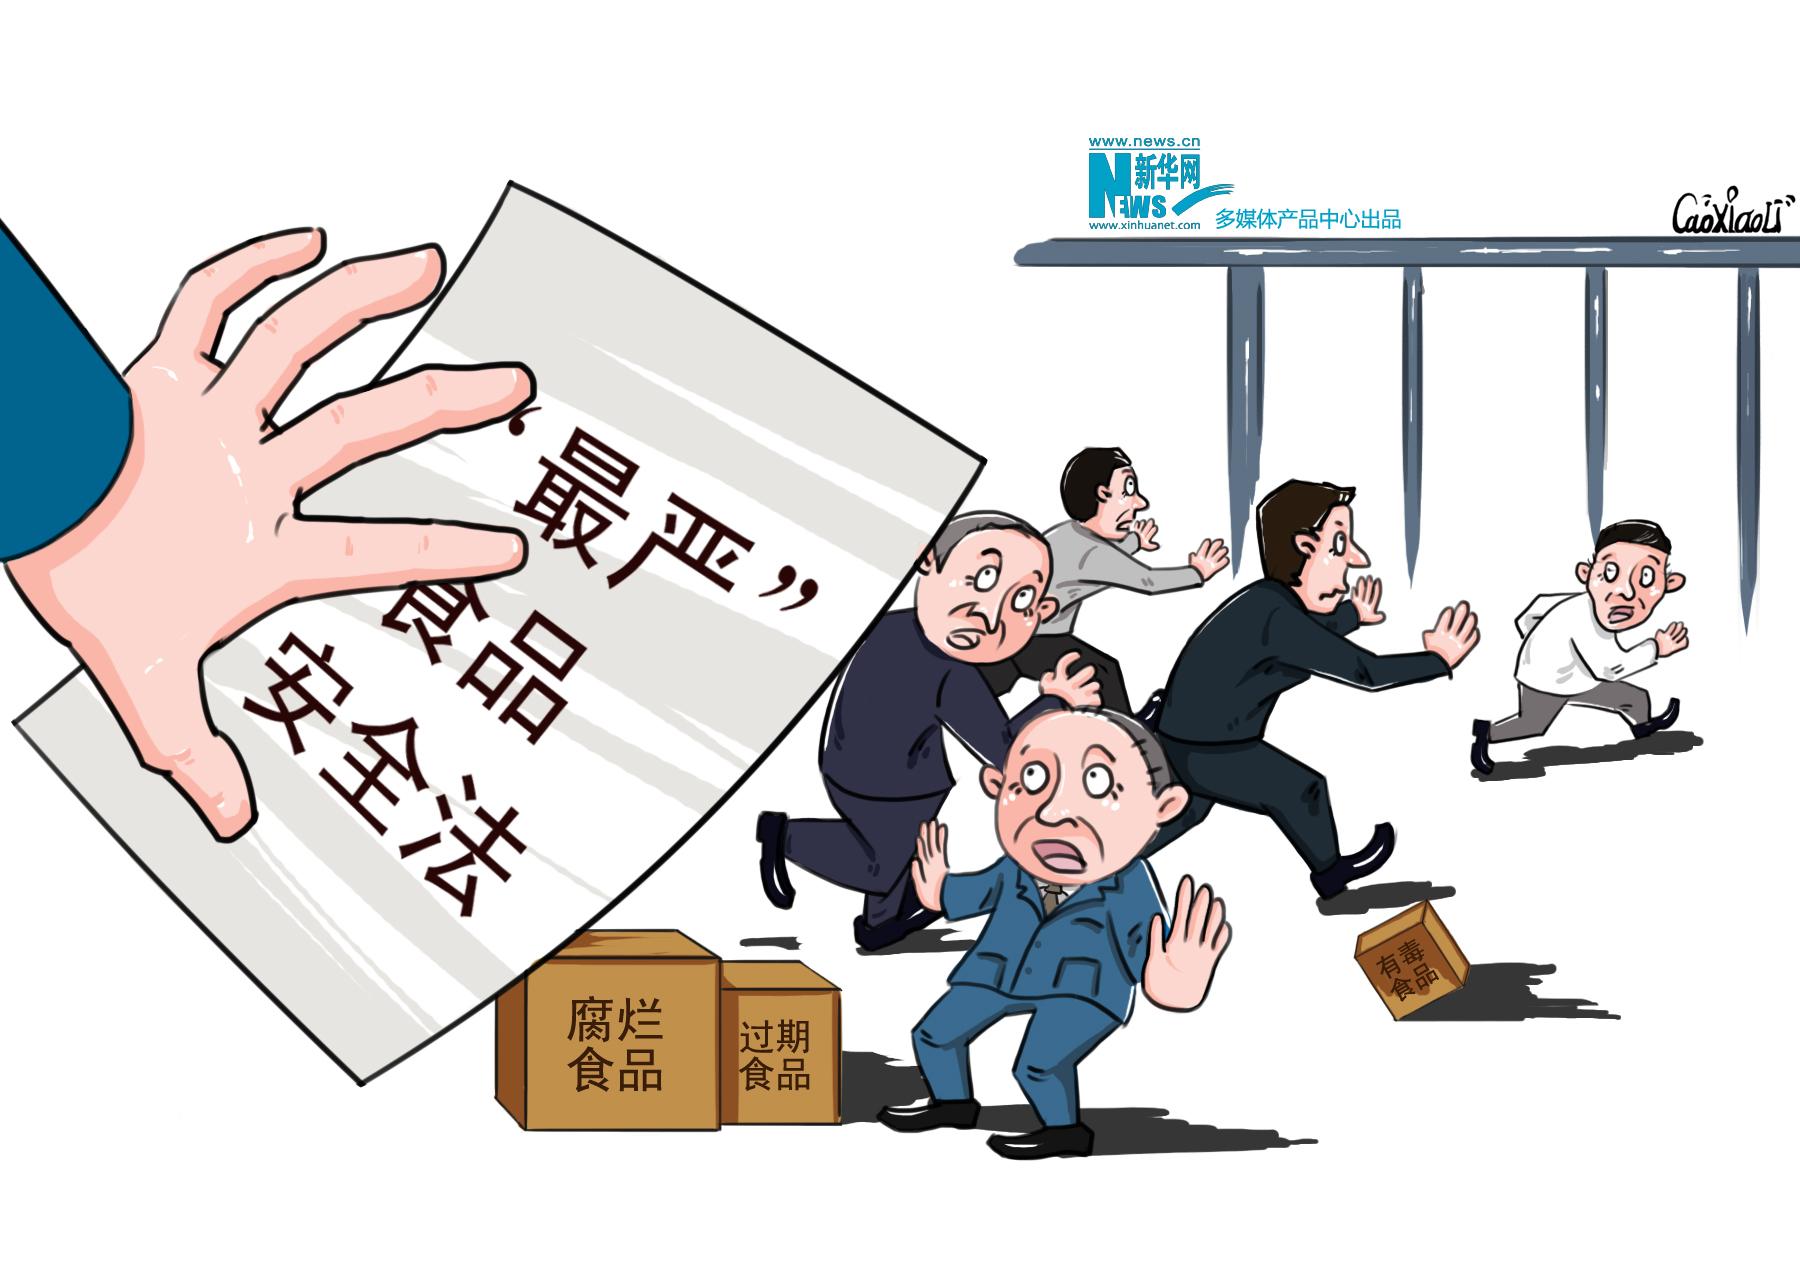 美专家彼得森博士称中国食品安全法在执行上更具挑战性